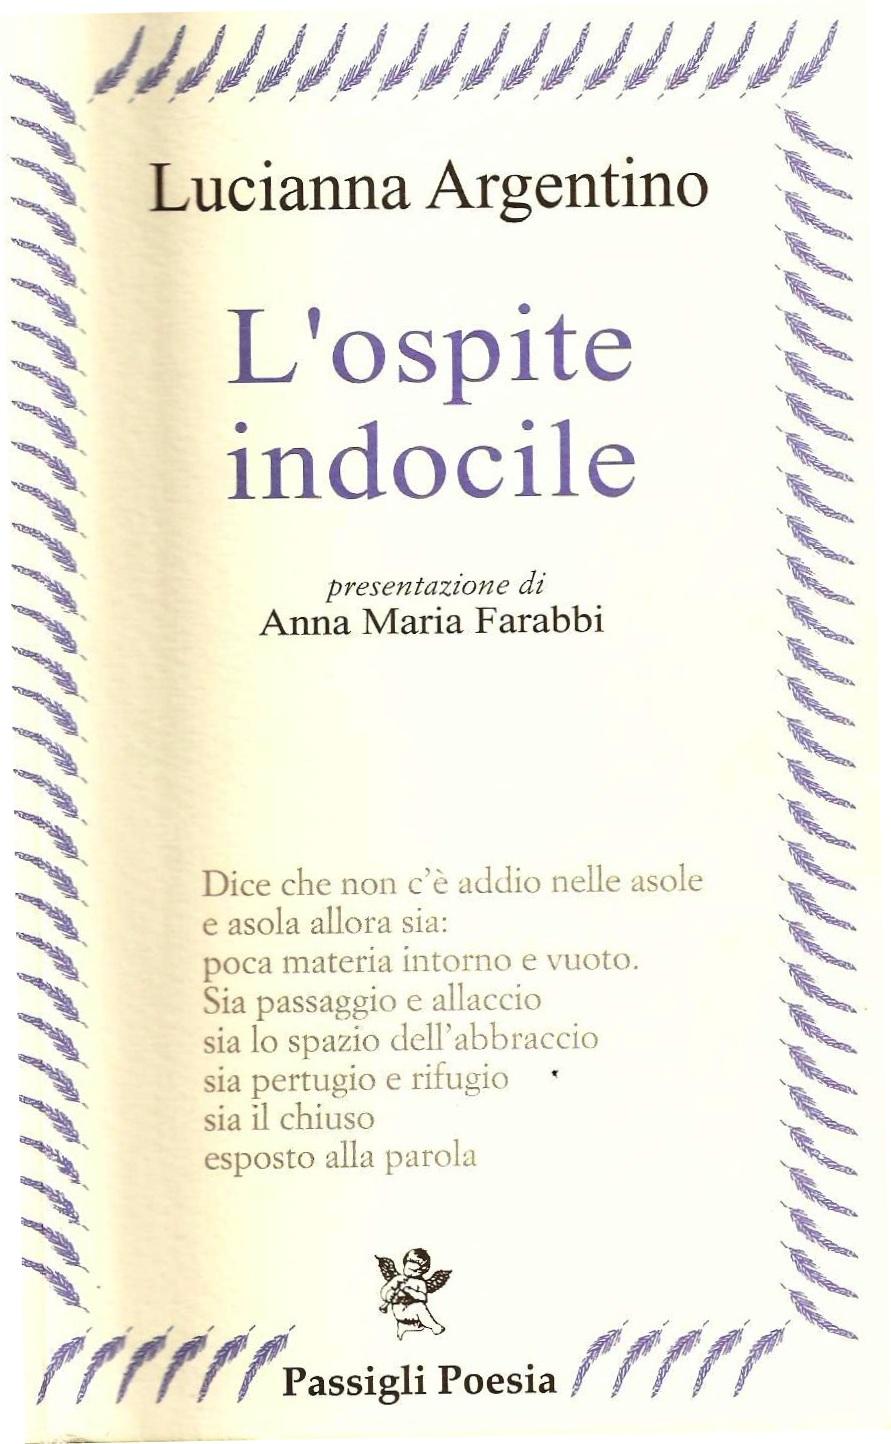 Favorito L'essenza indocile della poesia (nota su Lucianna Argentino  NQ41